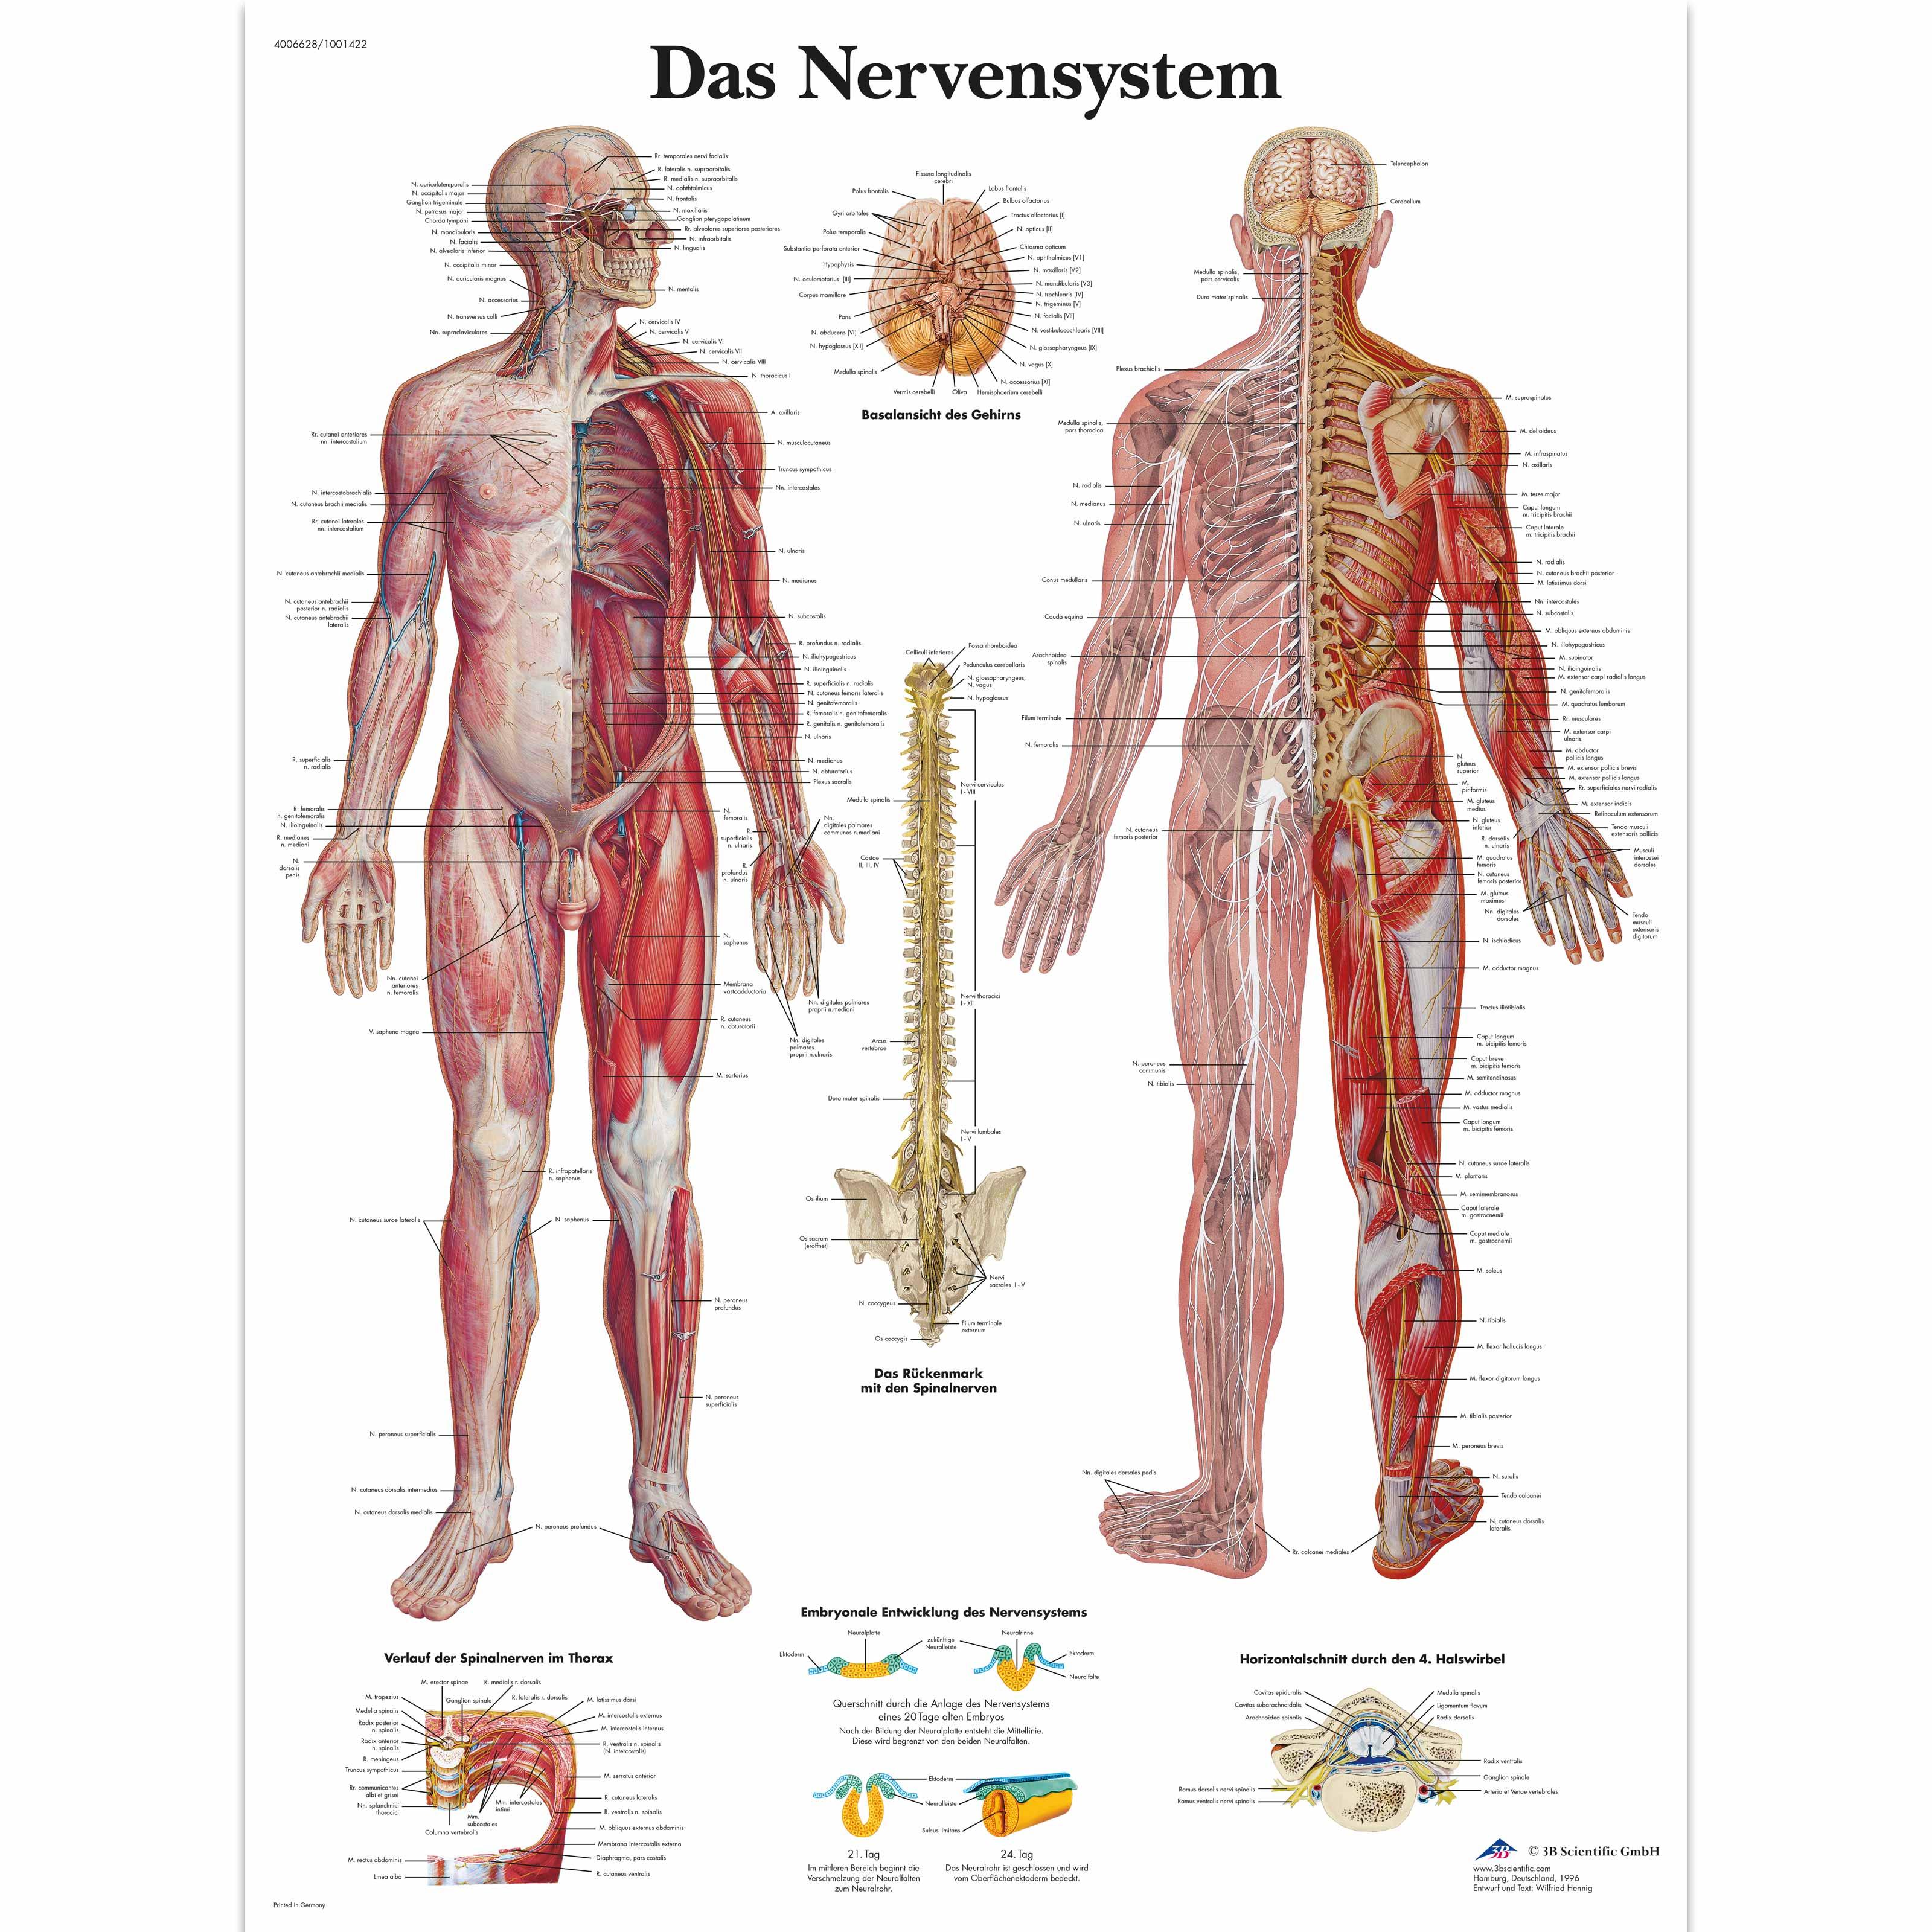 Lehrtafel - Das Nervensystem - 4006628 - VR0620UU - Gehirn und ...